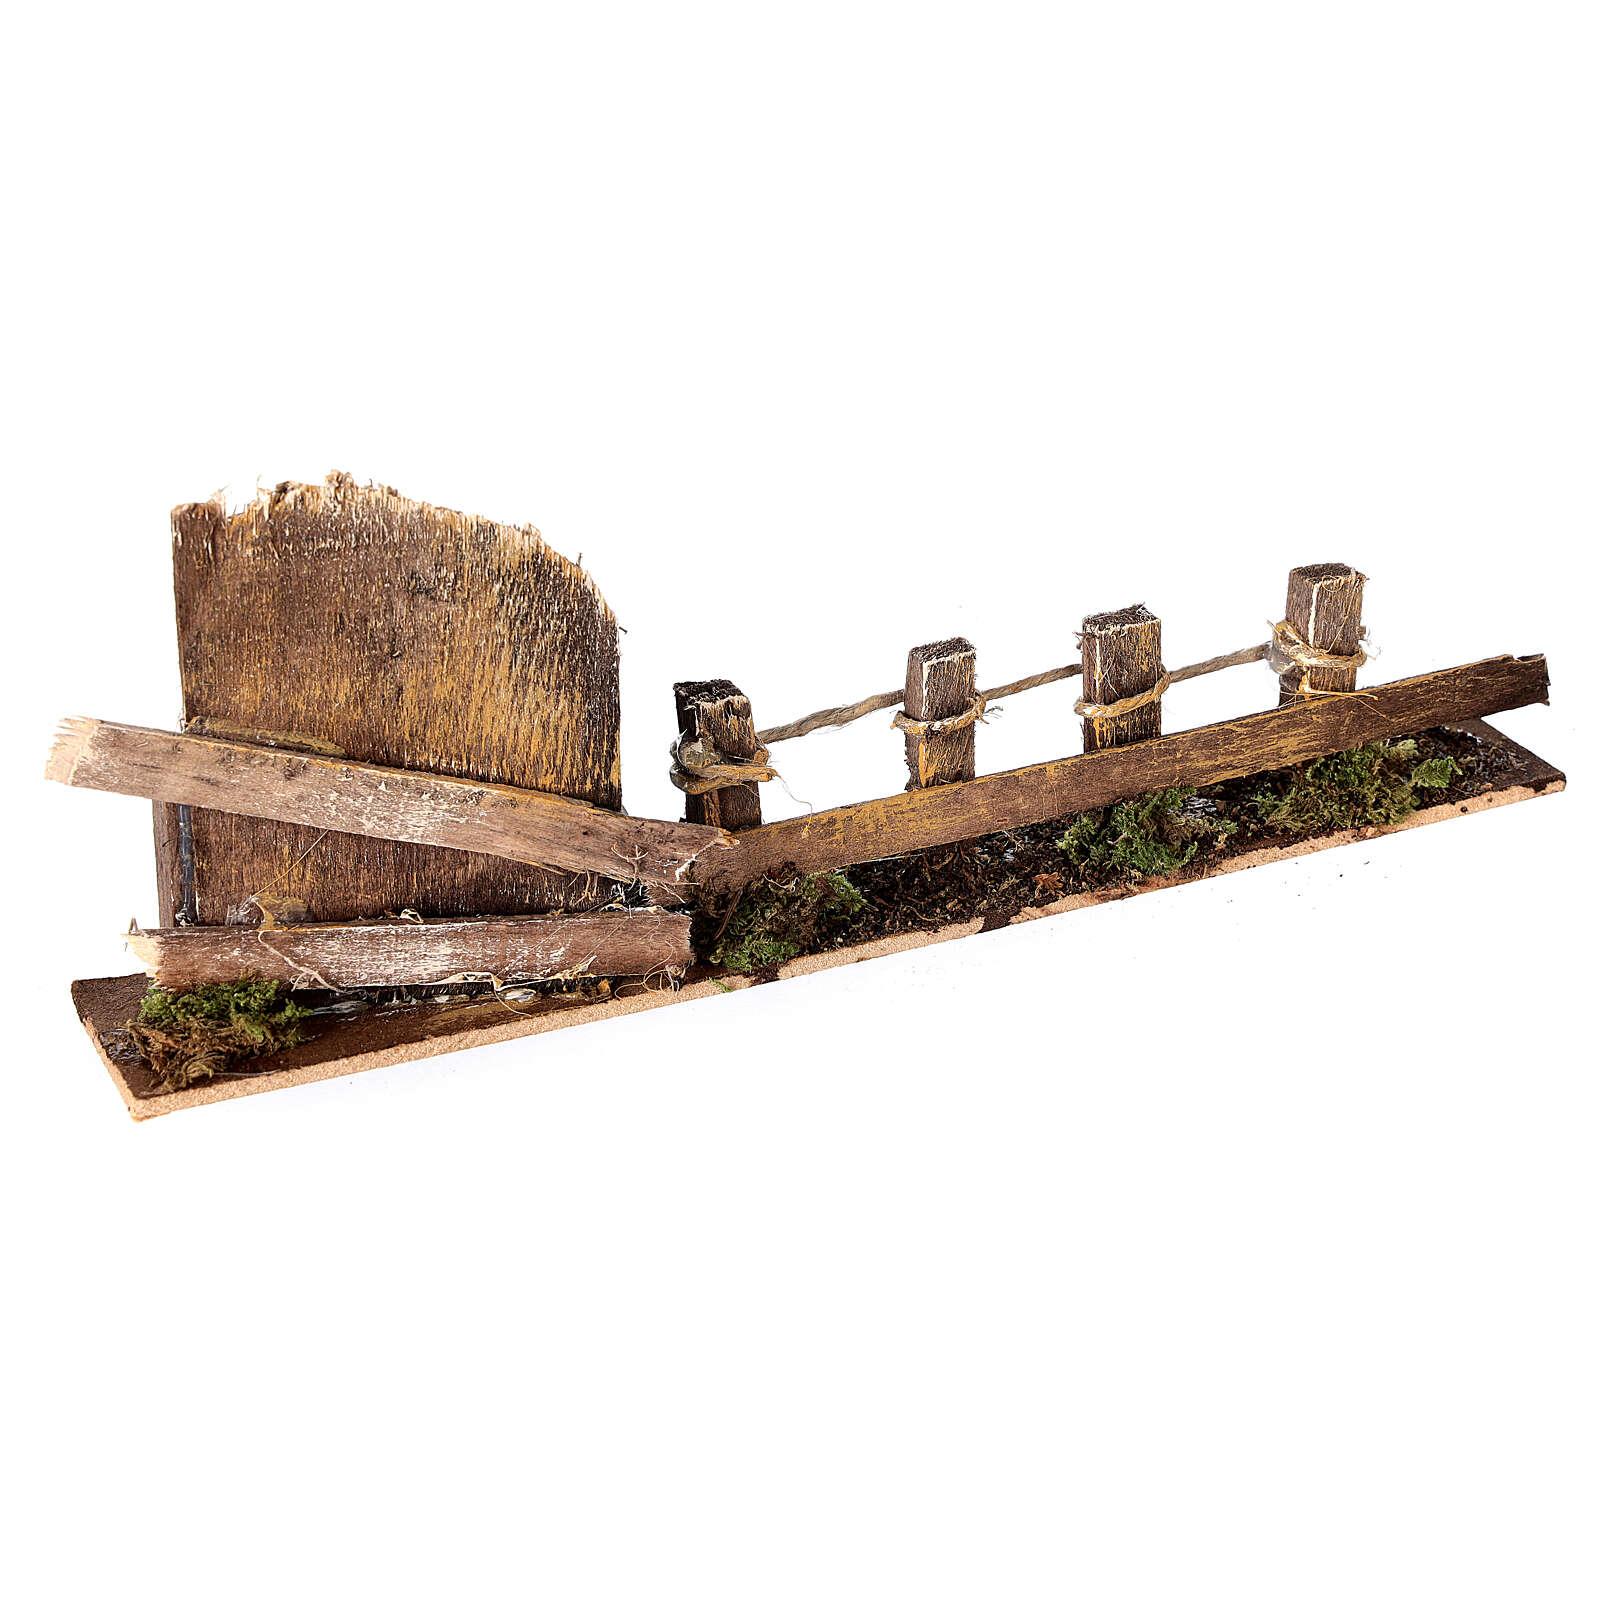 Cerca com portão madeira para presépio figuras altura média 10-12 cm; medidas: 9x25x4 cm 4